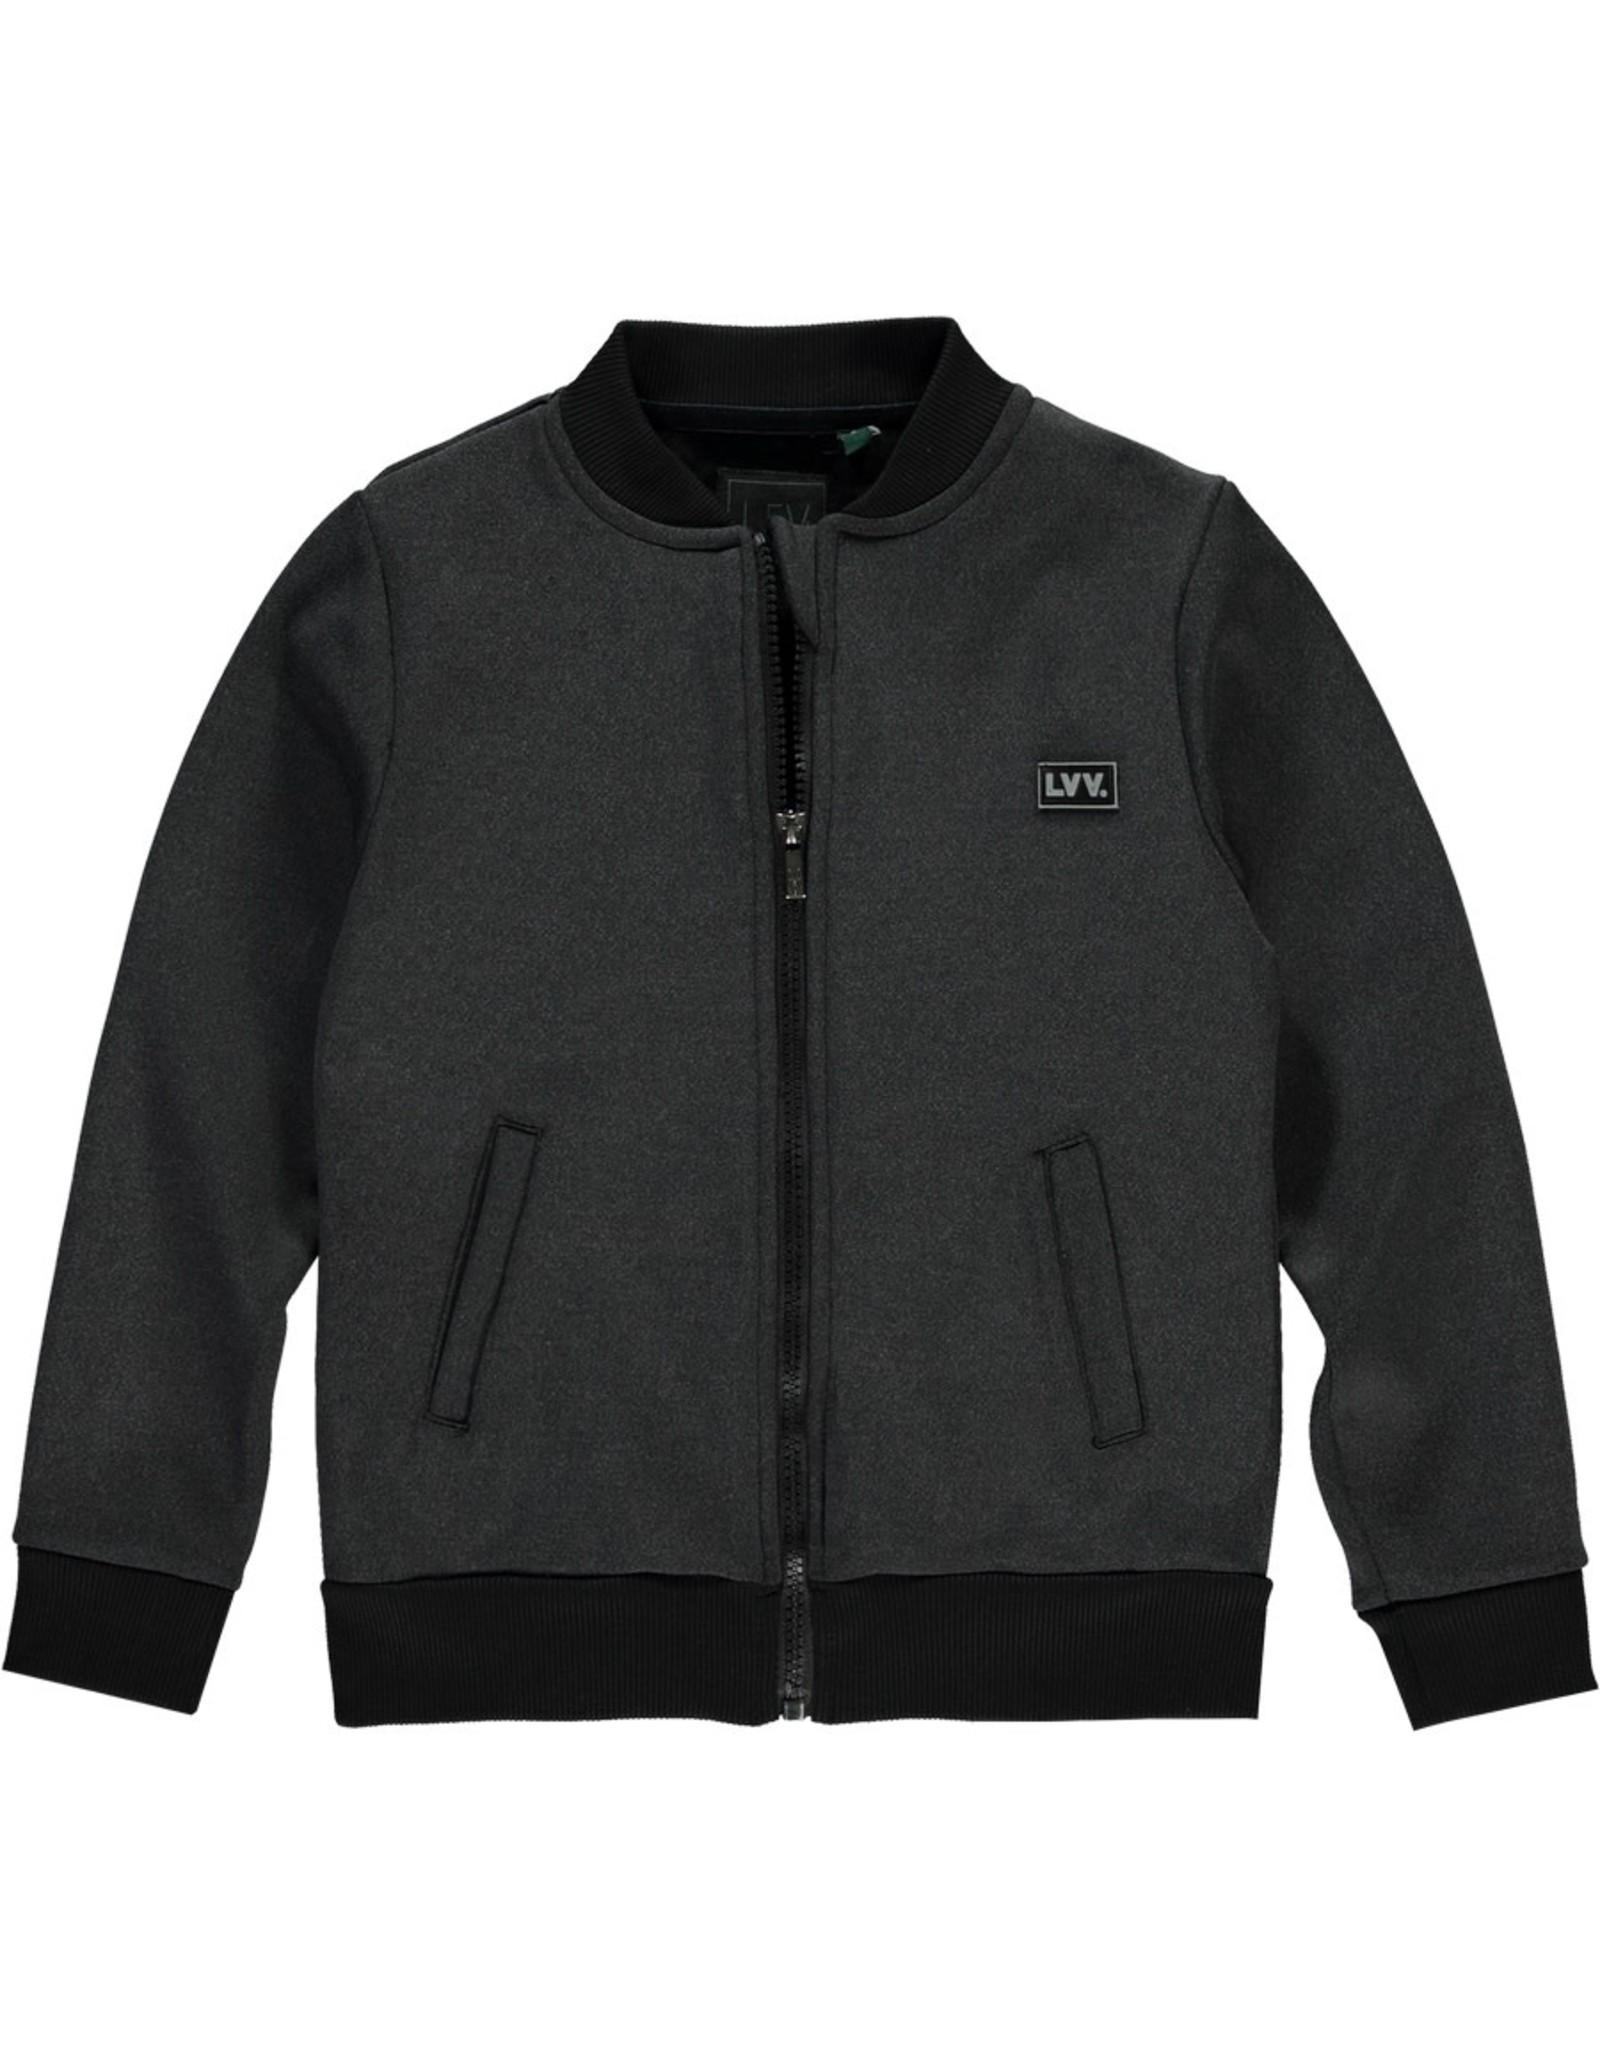 Levv Donny Vest Dark grey